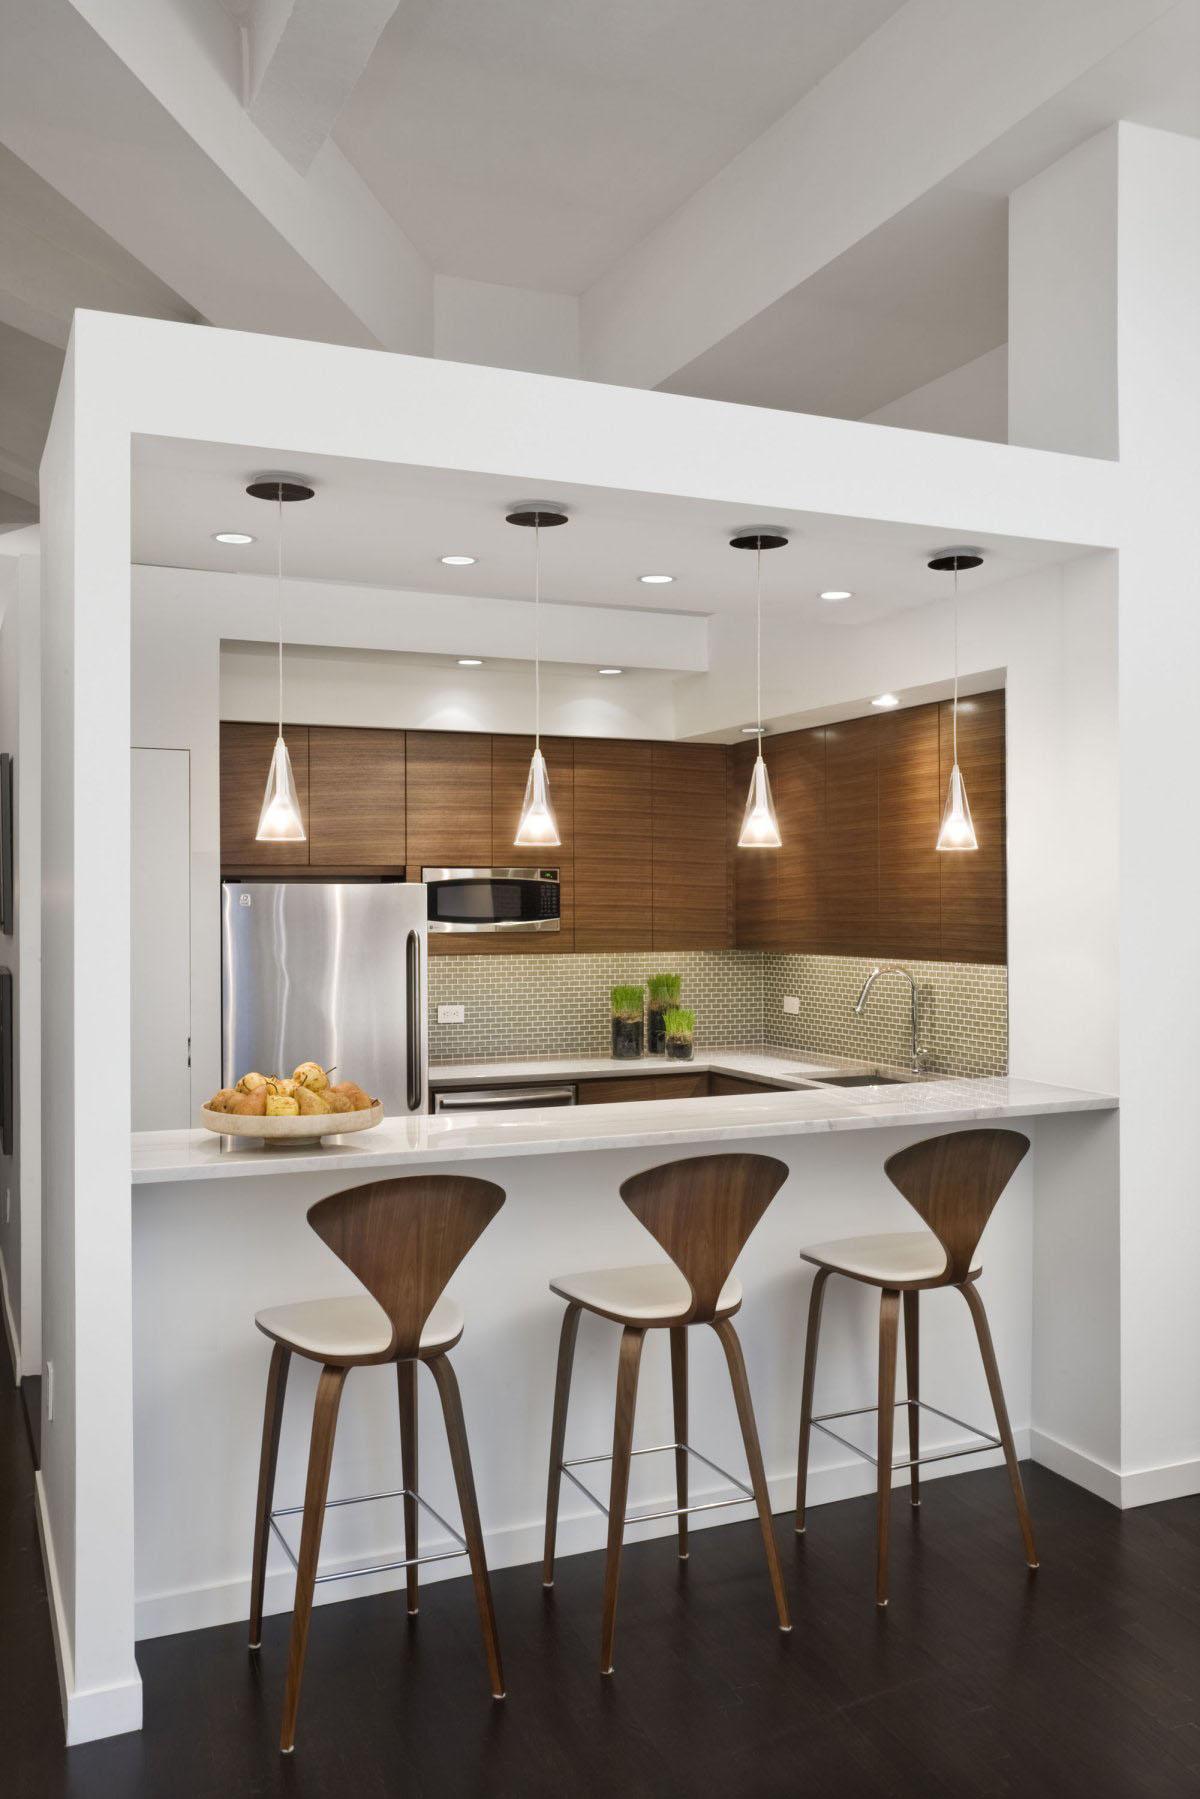 Loft Style Apartment Design In New York  iDesignArch  Interior Design Architecture  Interior Decorating eMagazine